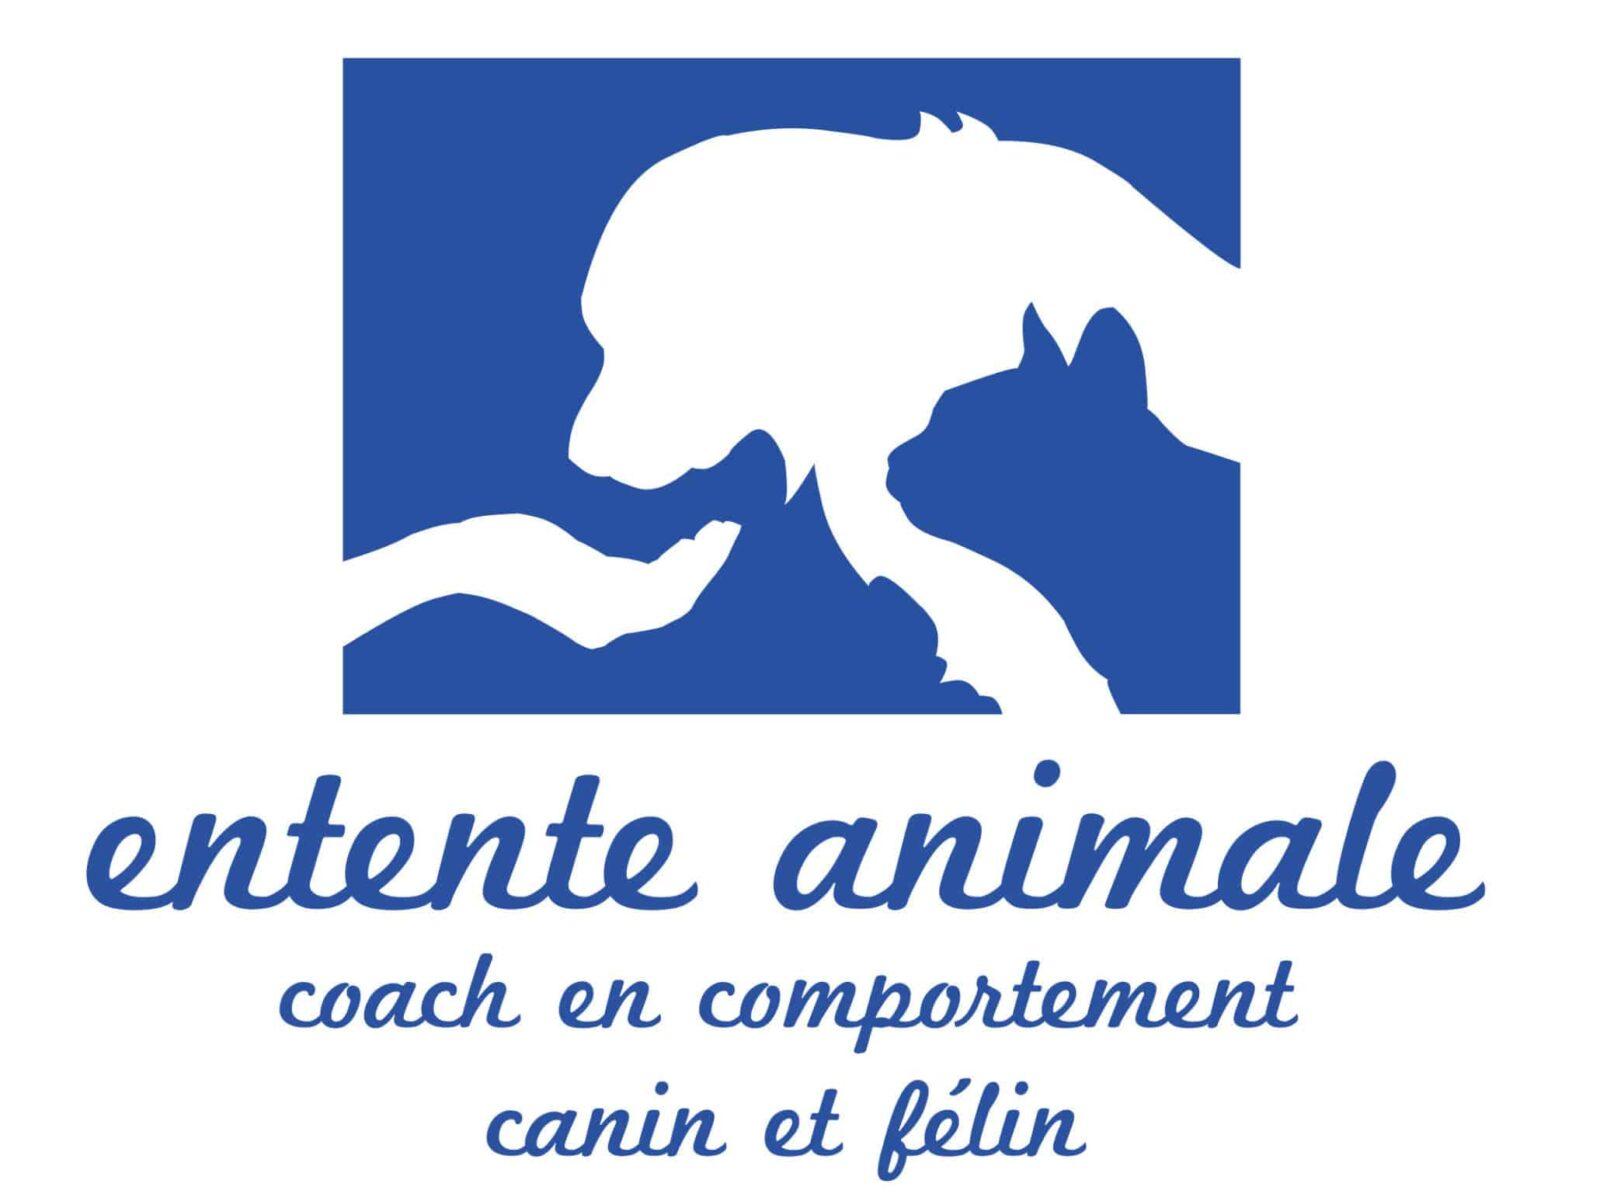 Logo entente animale